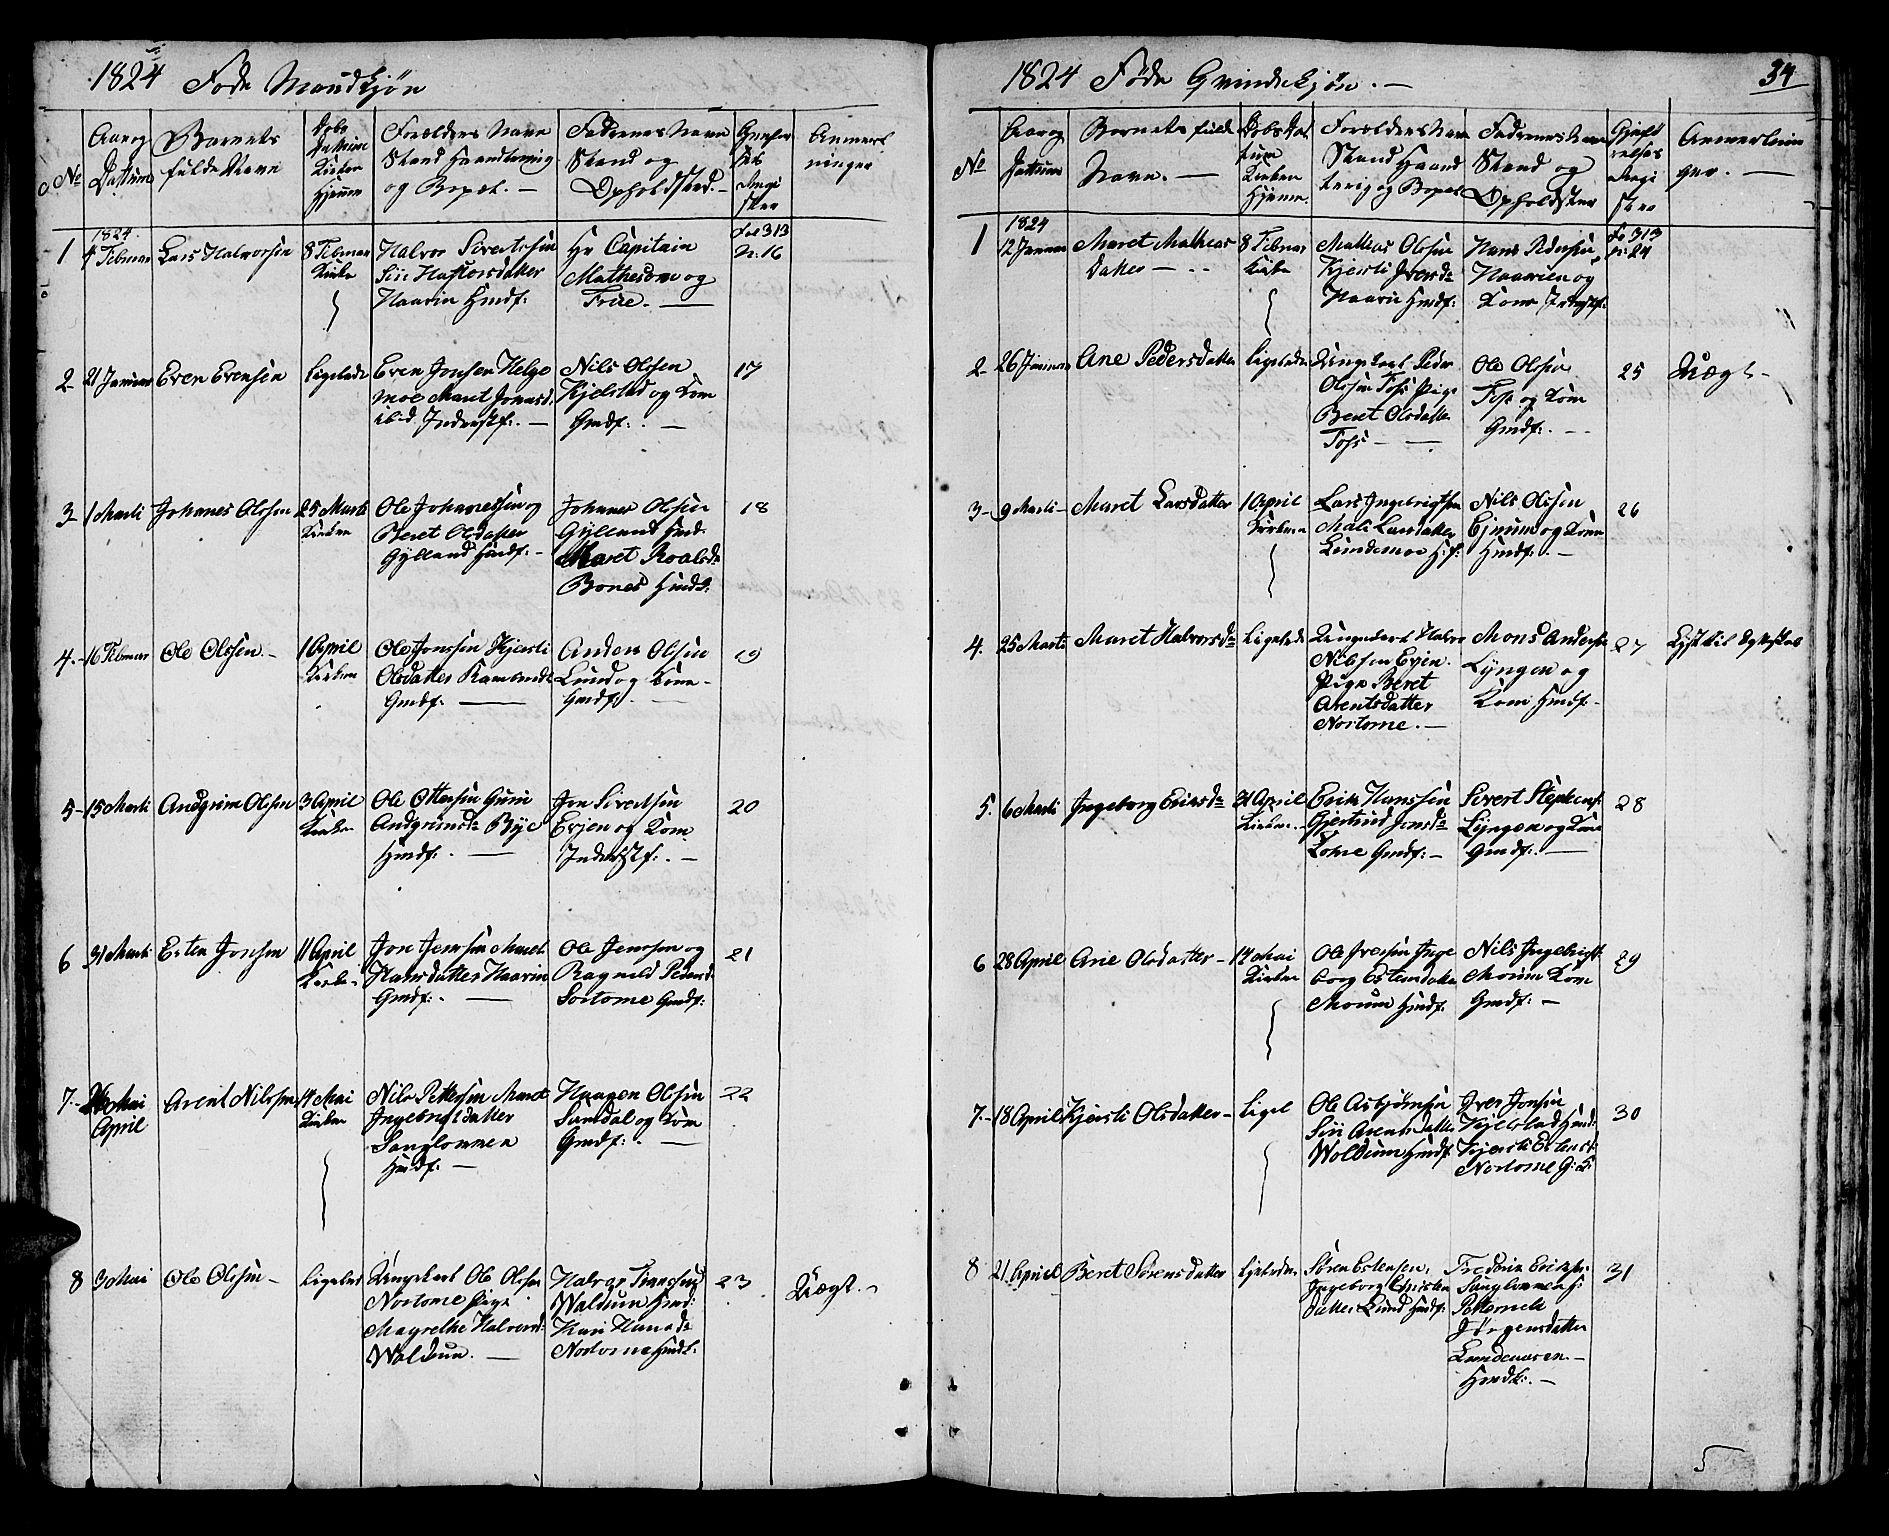 SAT, Ministerialprotokoller, klokkerbøker og fødselsregistre - Sør-Trøndelag, 692/L1108: Klokkerbok nr. 692C03, 1816-1833, s. 34